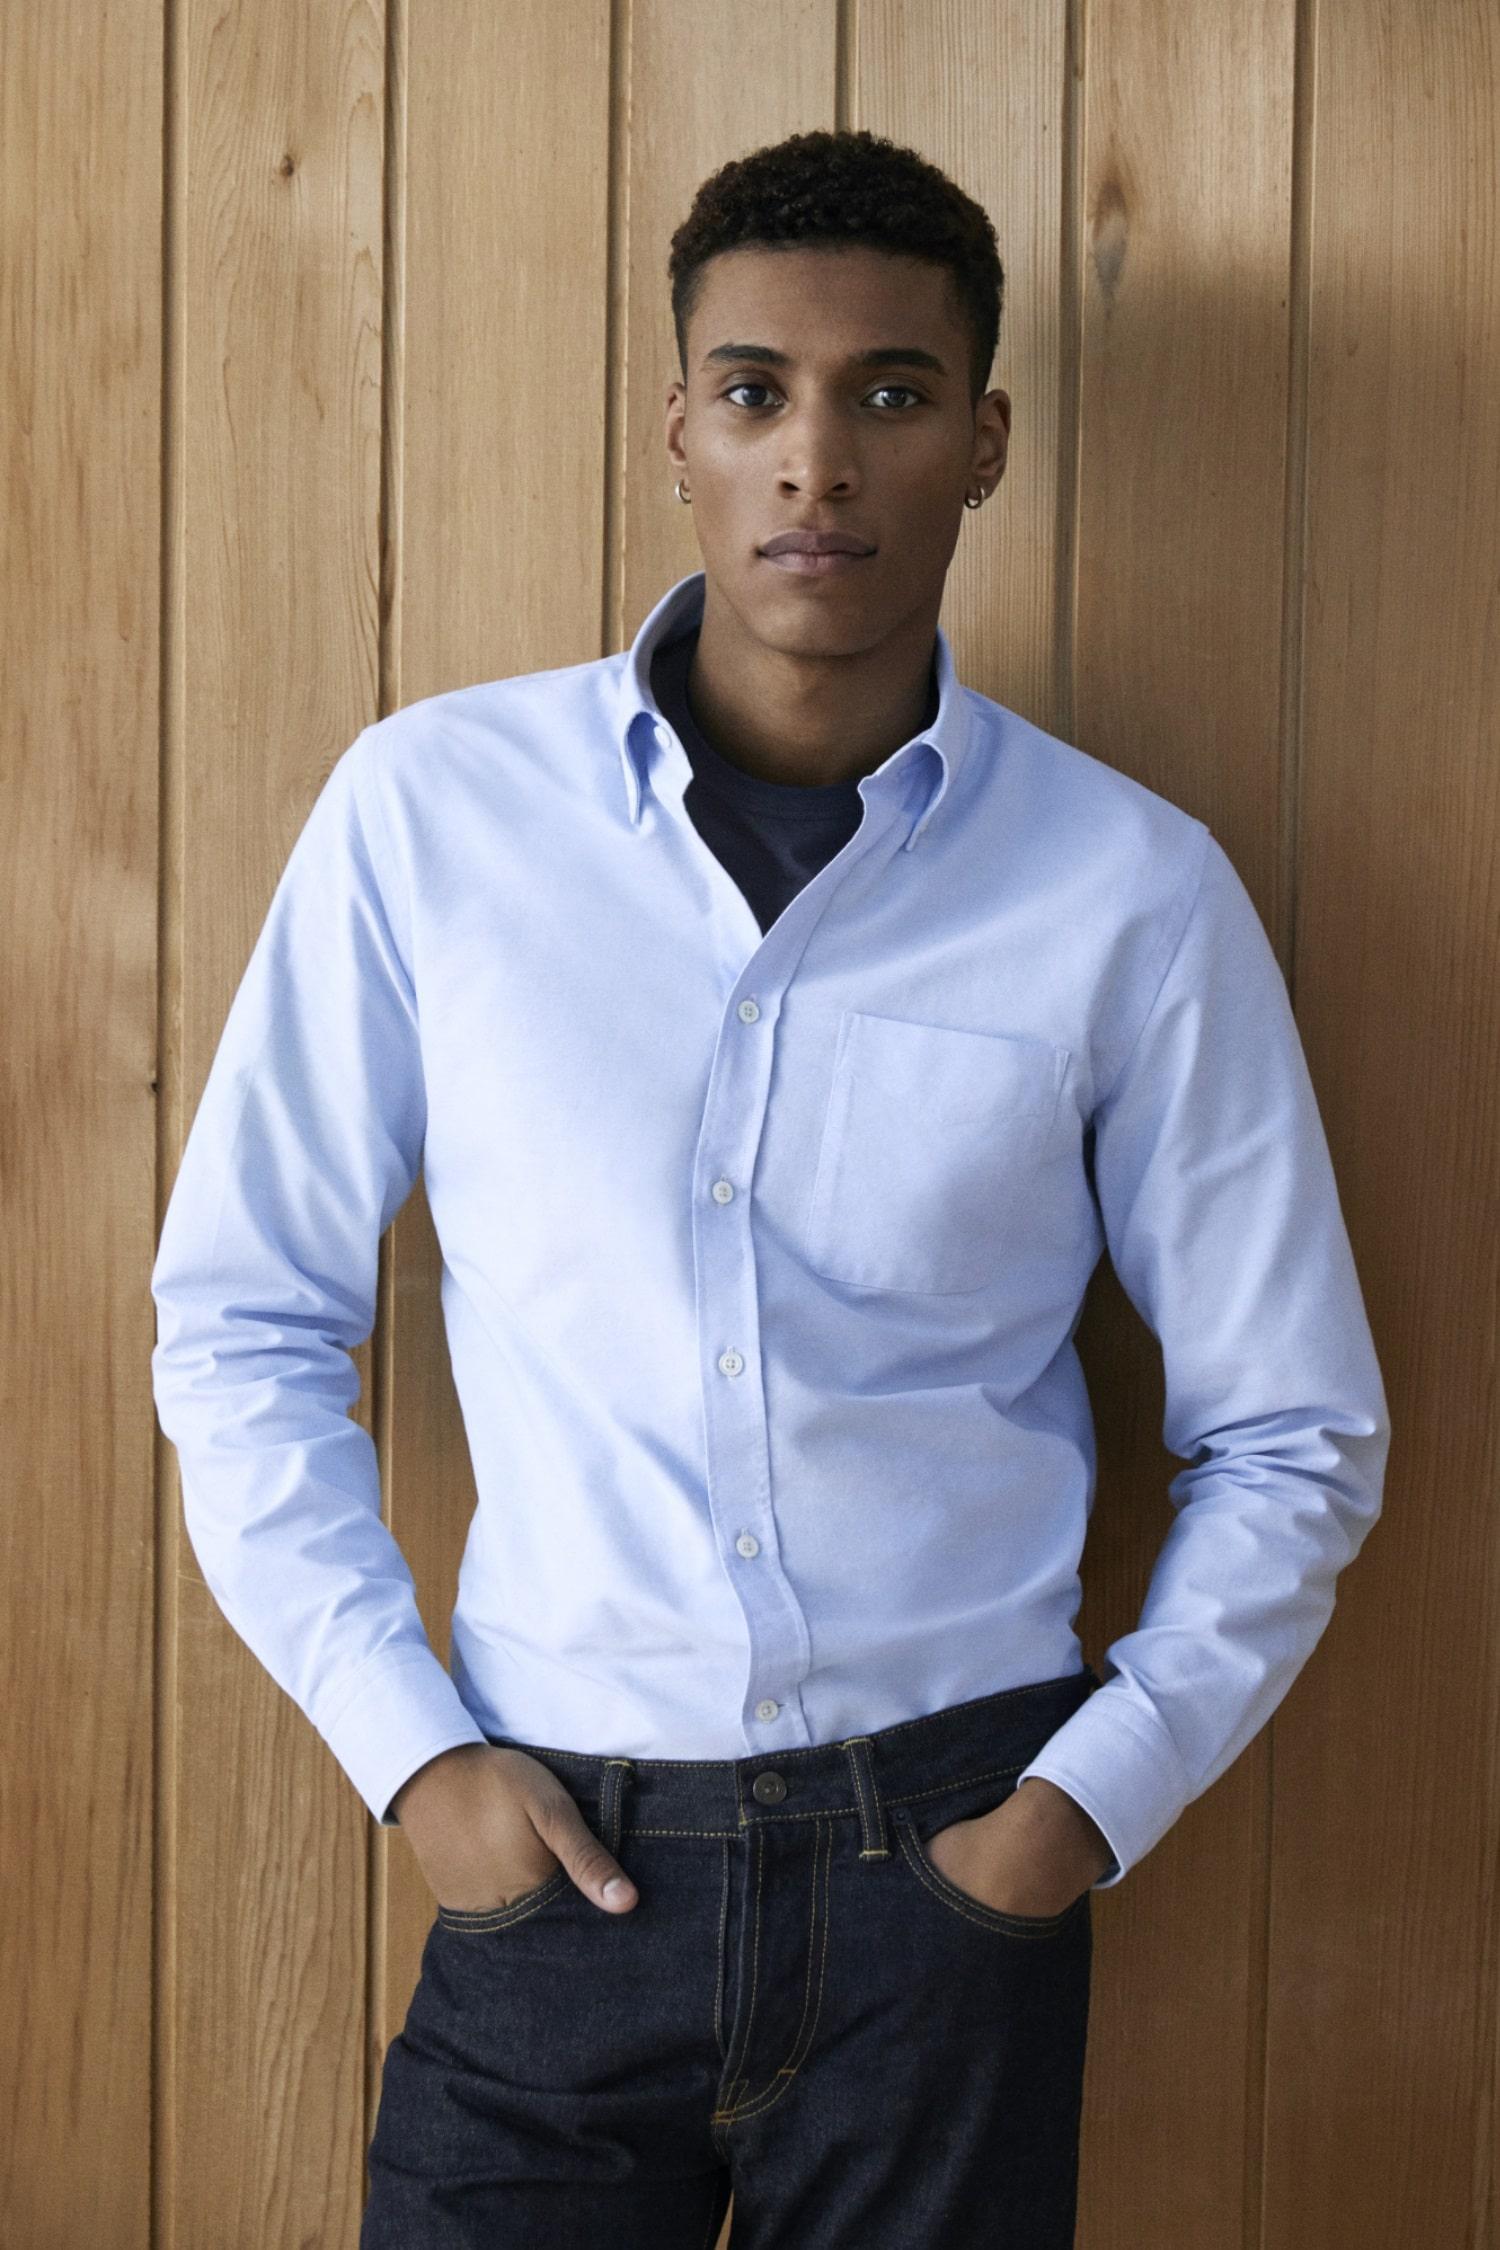 olie arnold mr p white shirt